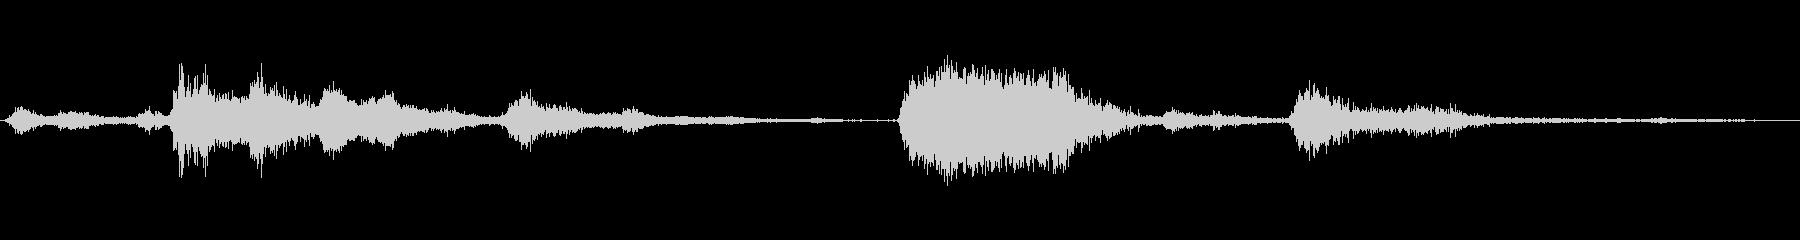 共鳴金属シートの崩壊の未再生の波形